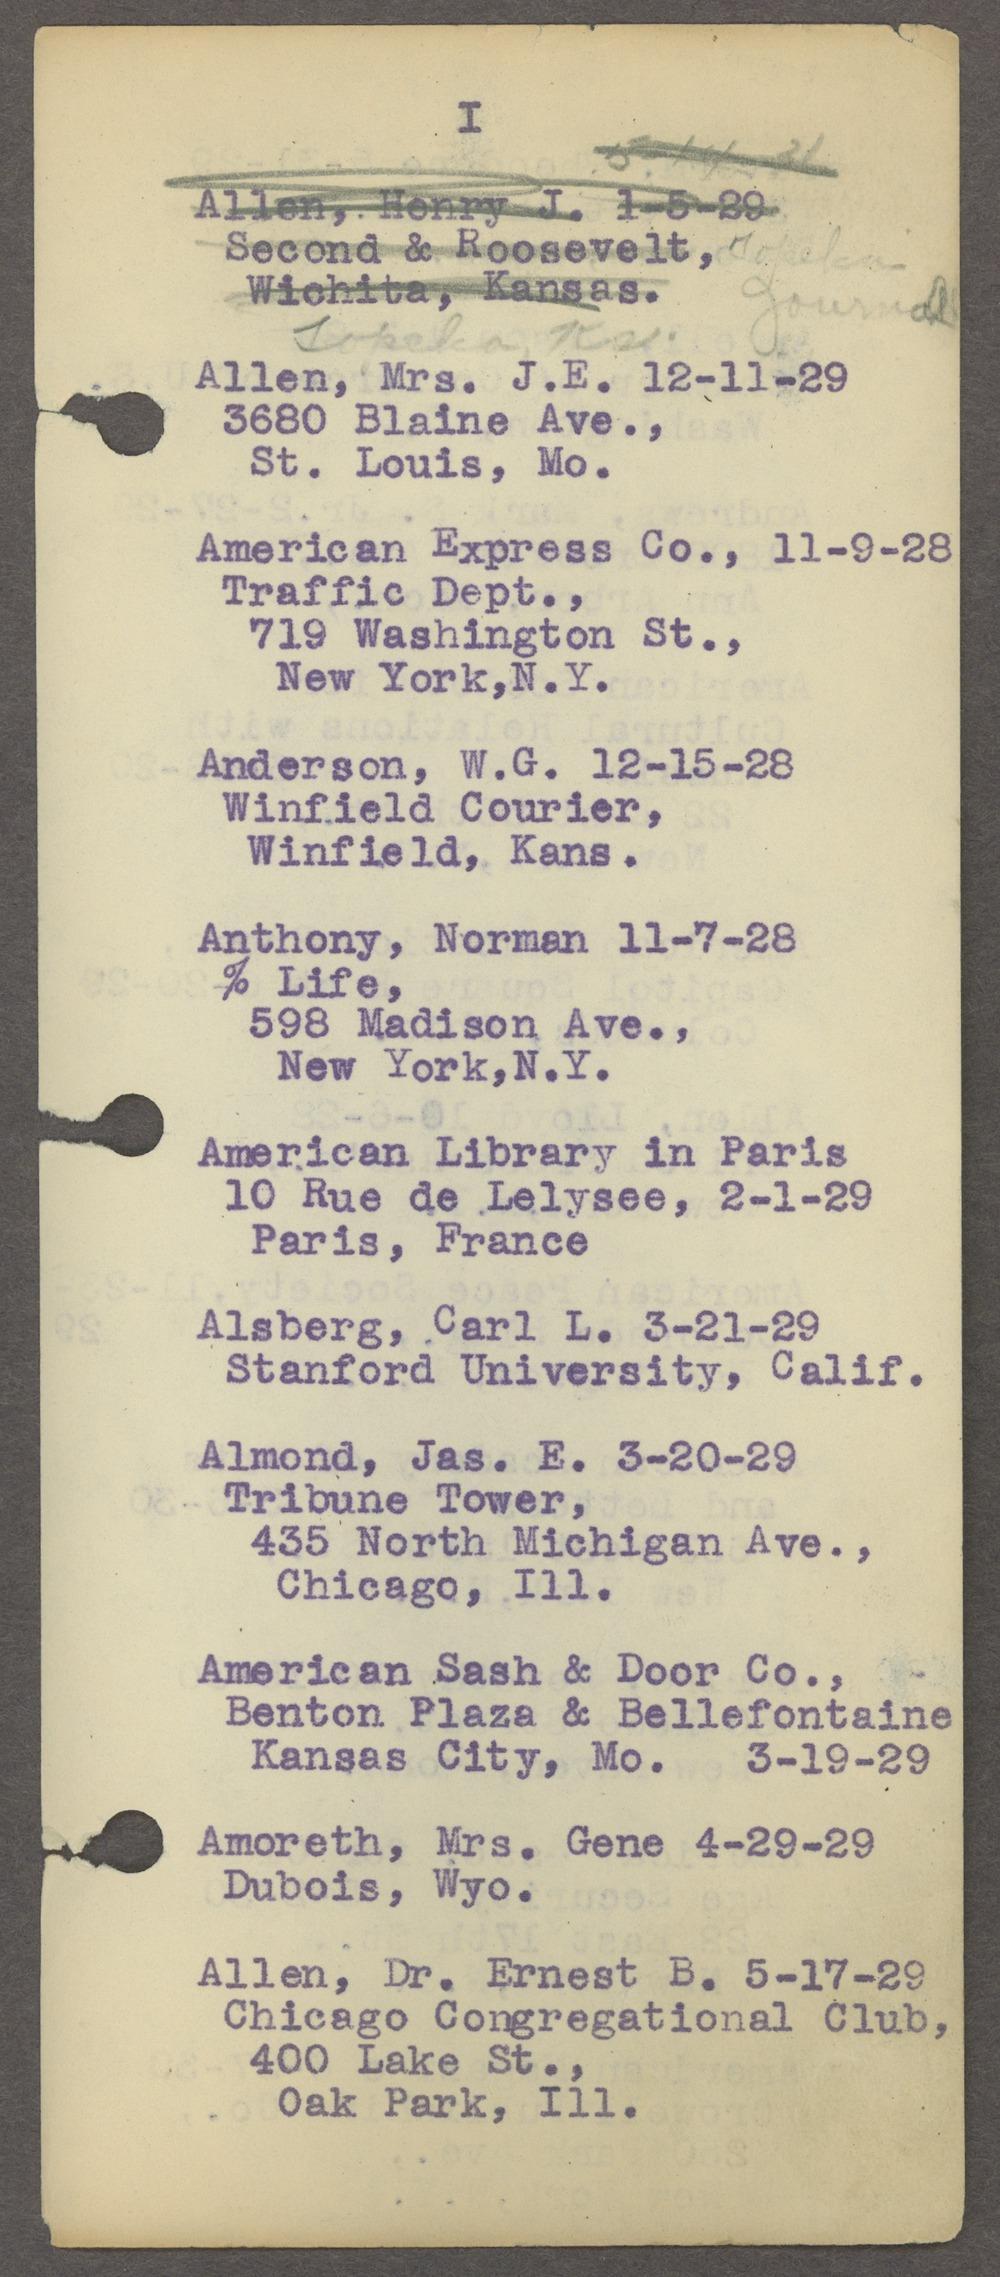 William Allen White address book - Page 6